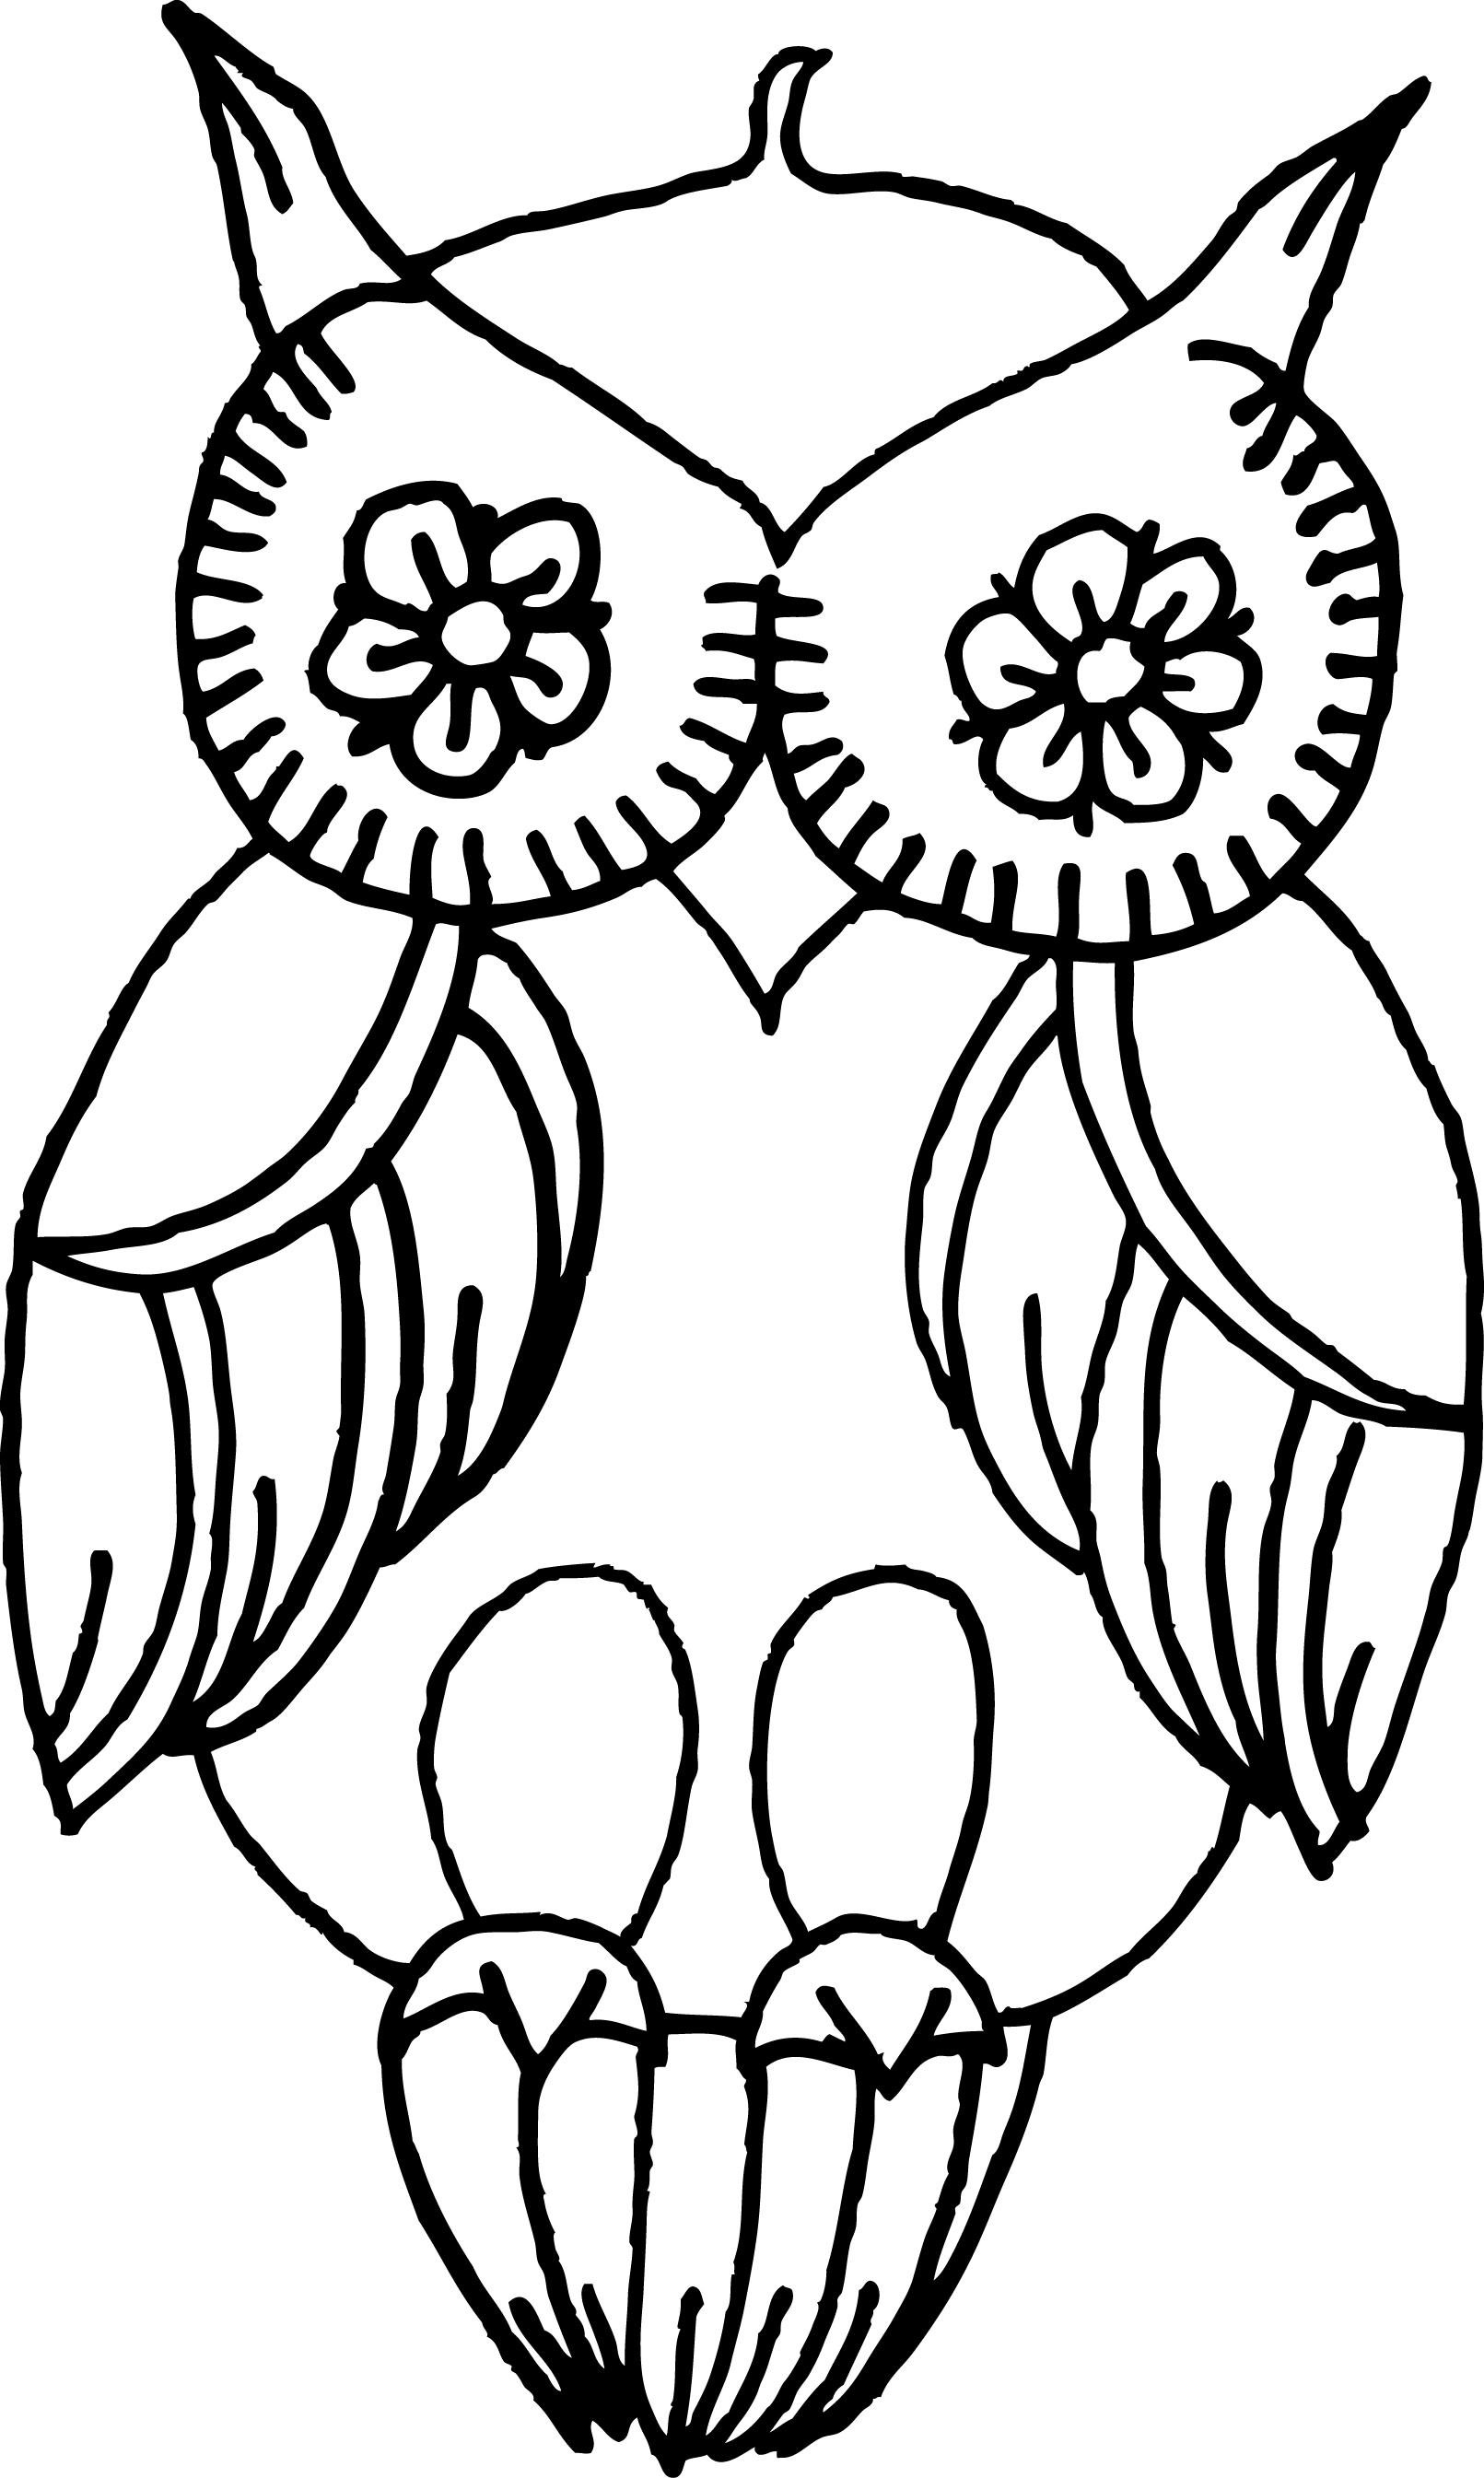 whimsical woodburned owl